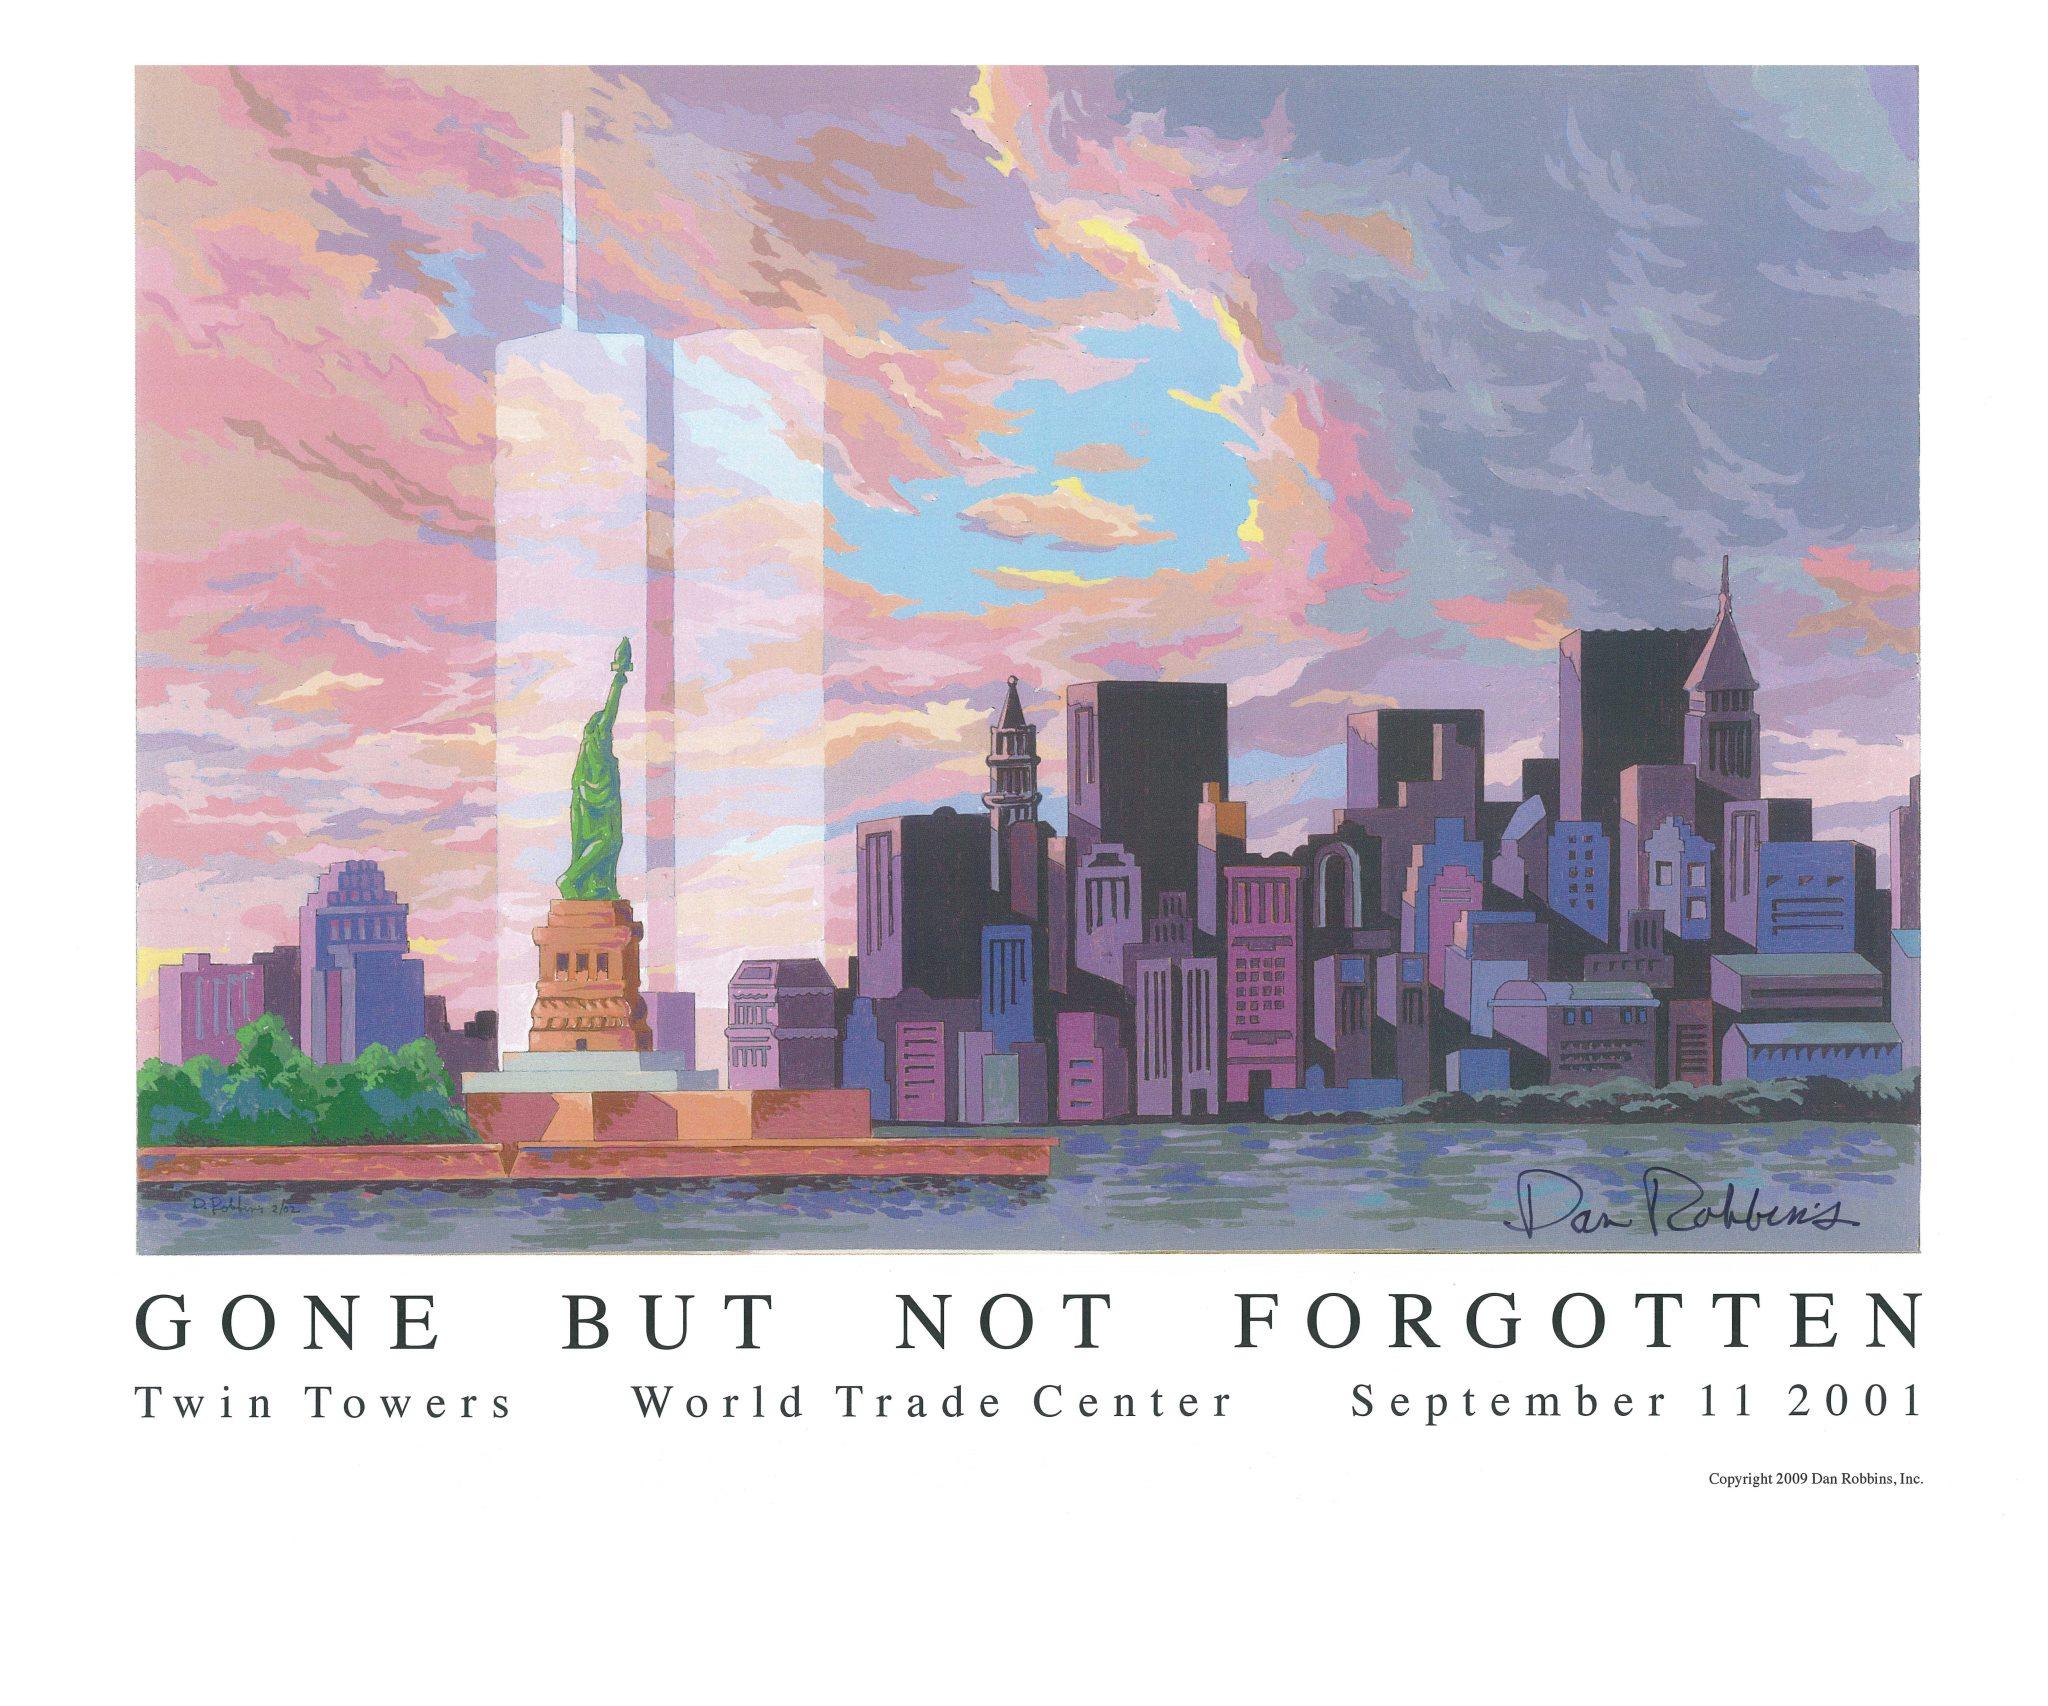 Andato ma non dimenticato, dipinto da 11 da settembre da Dan Robbins.